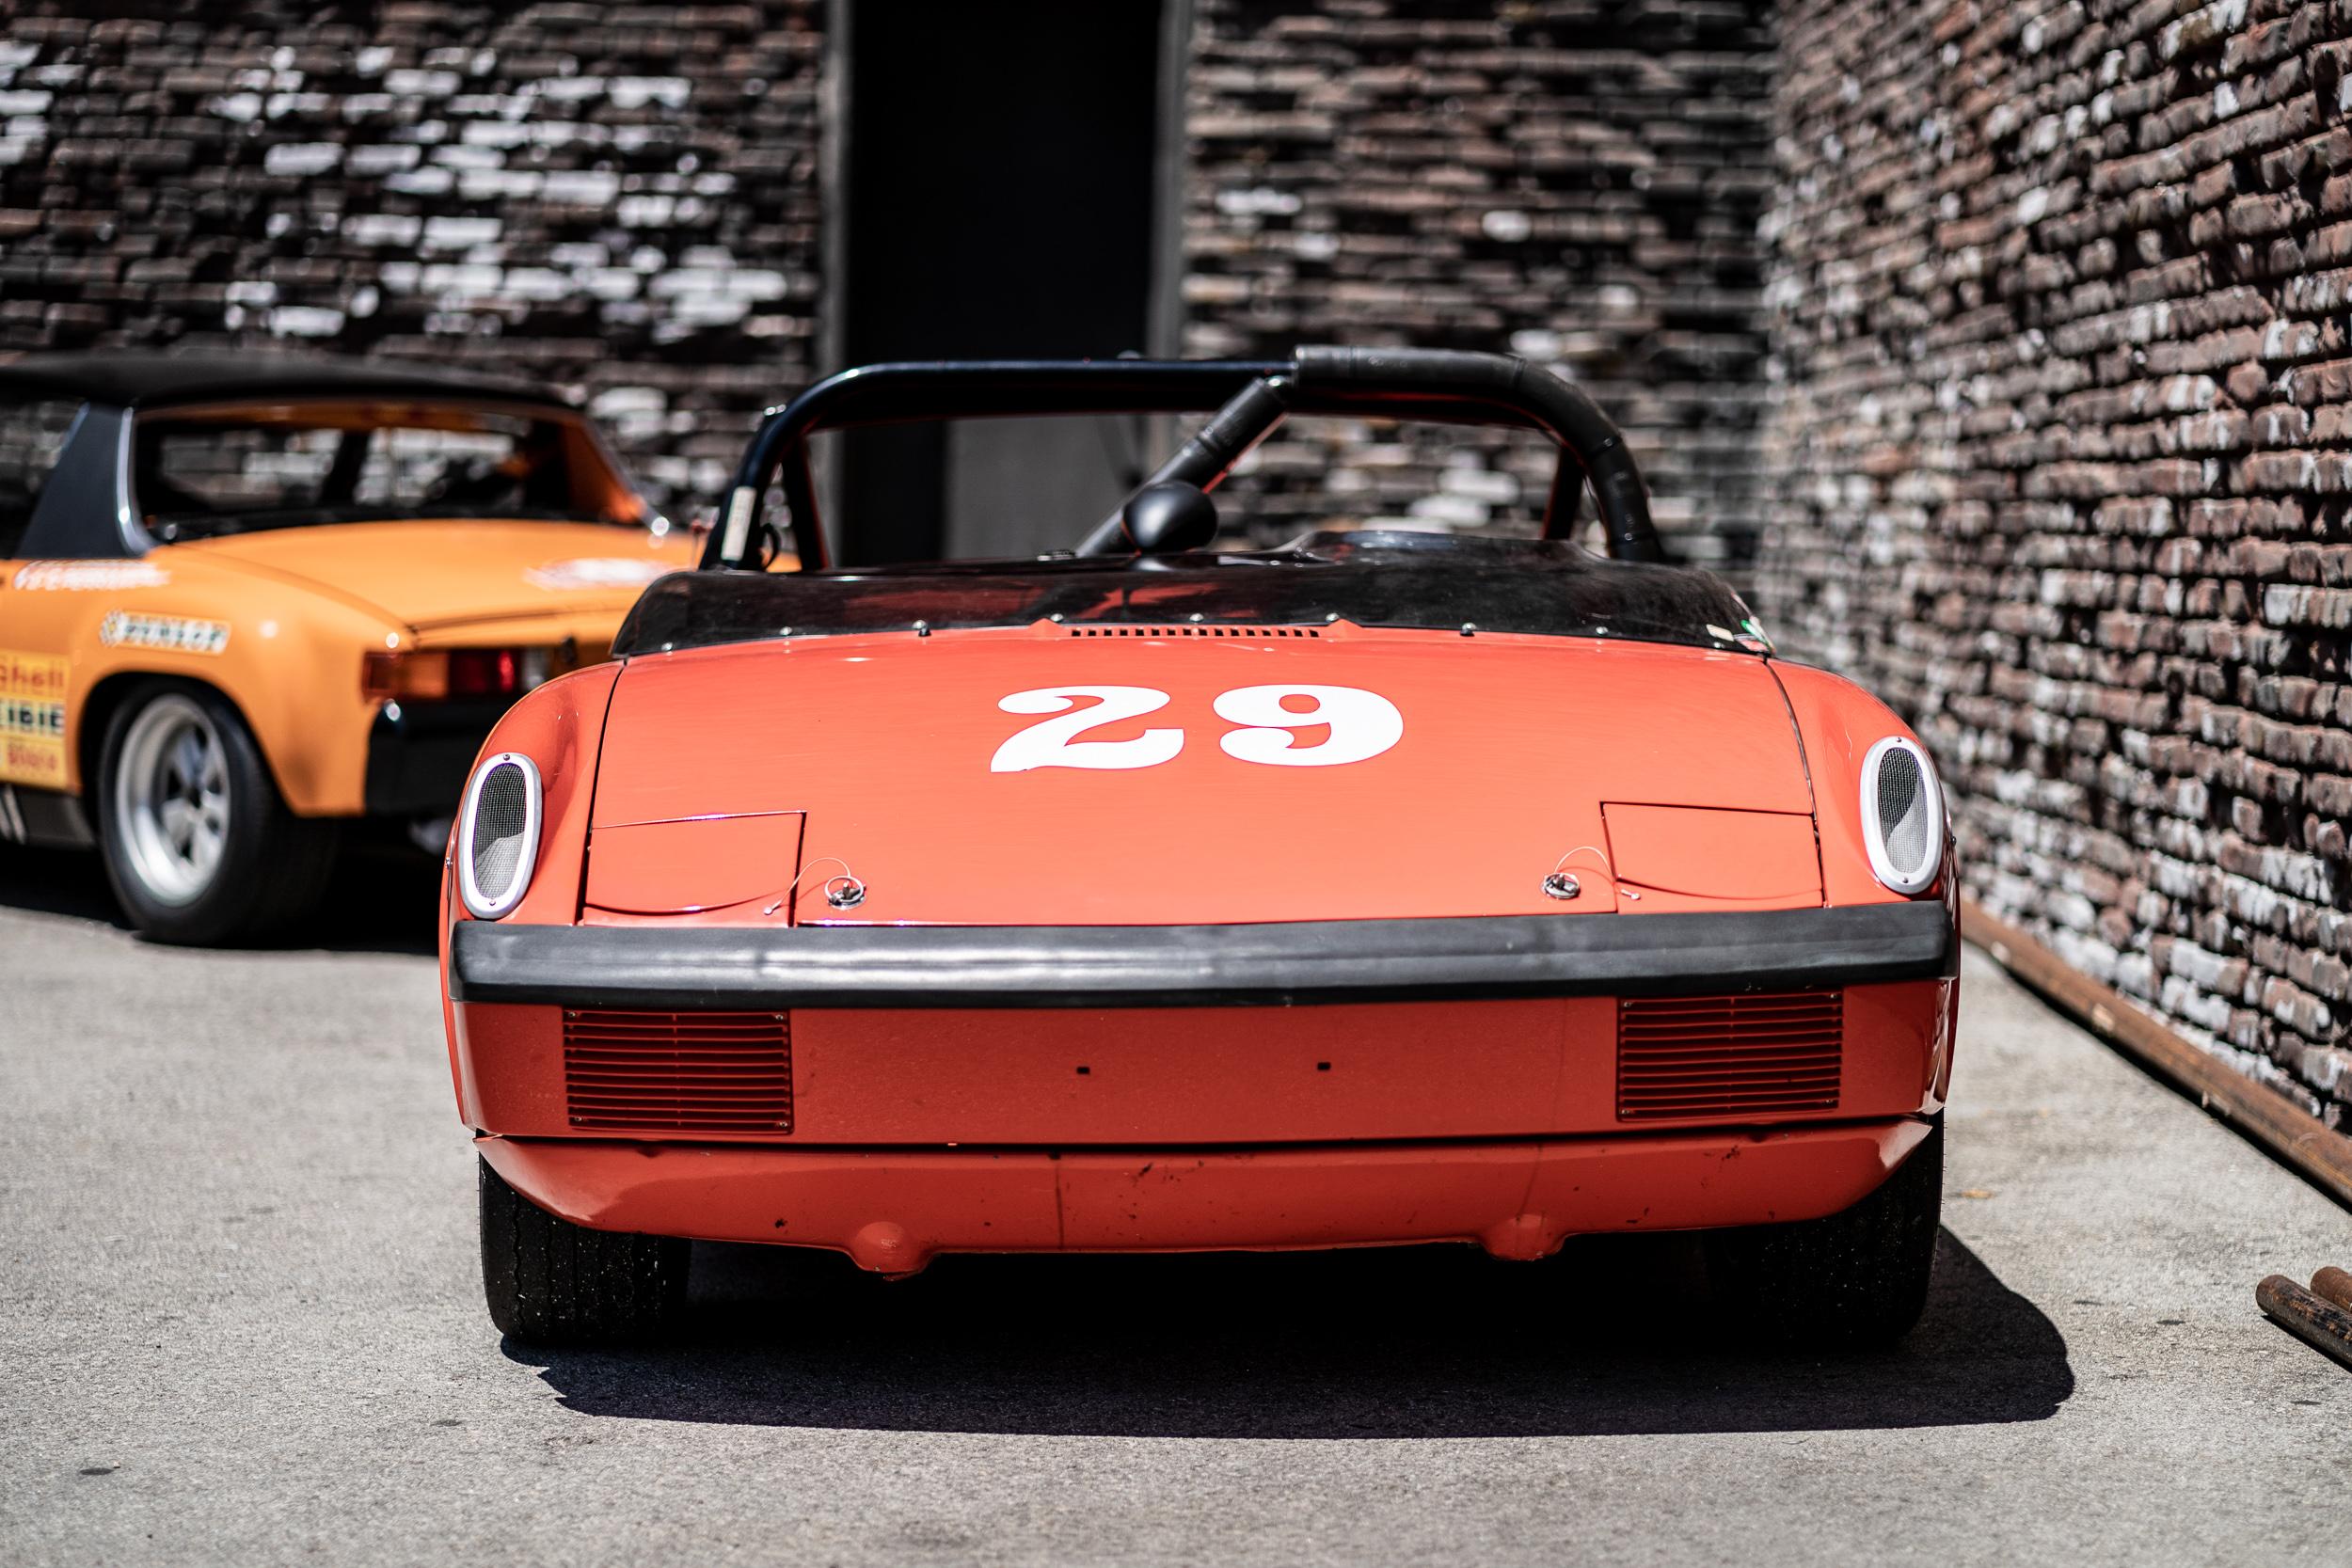 914 porsche race car luft 6 universal studios backlot